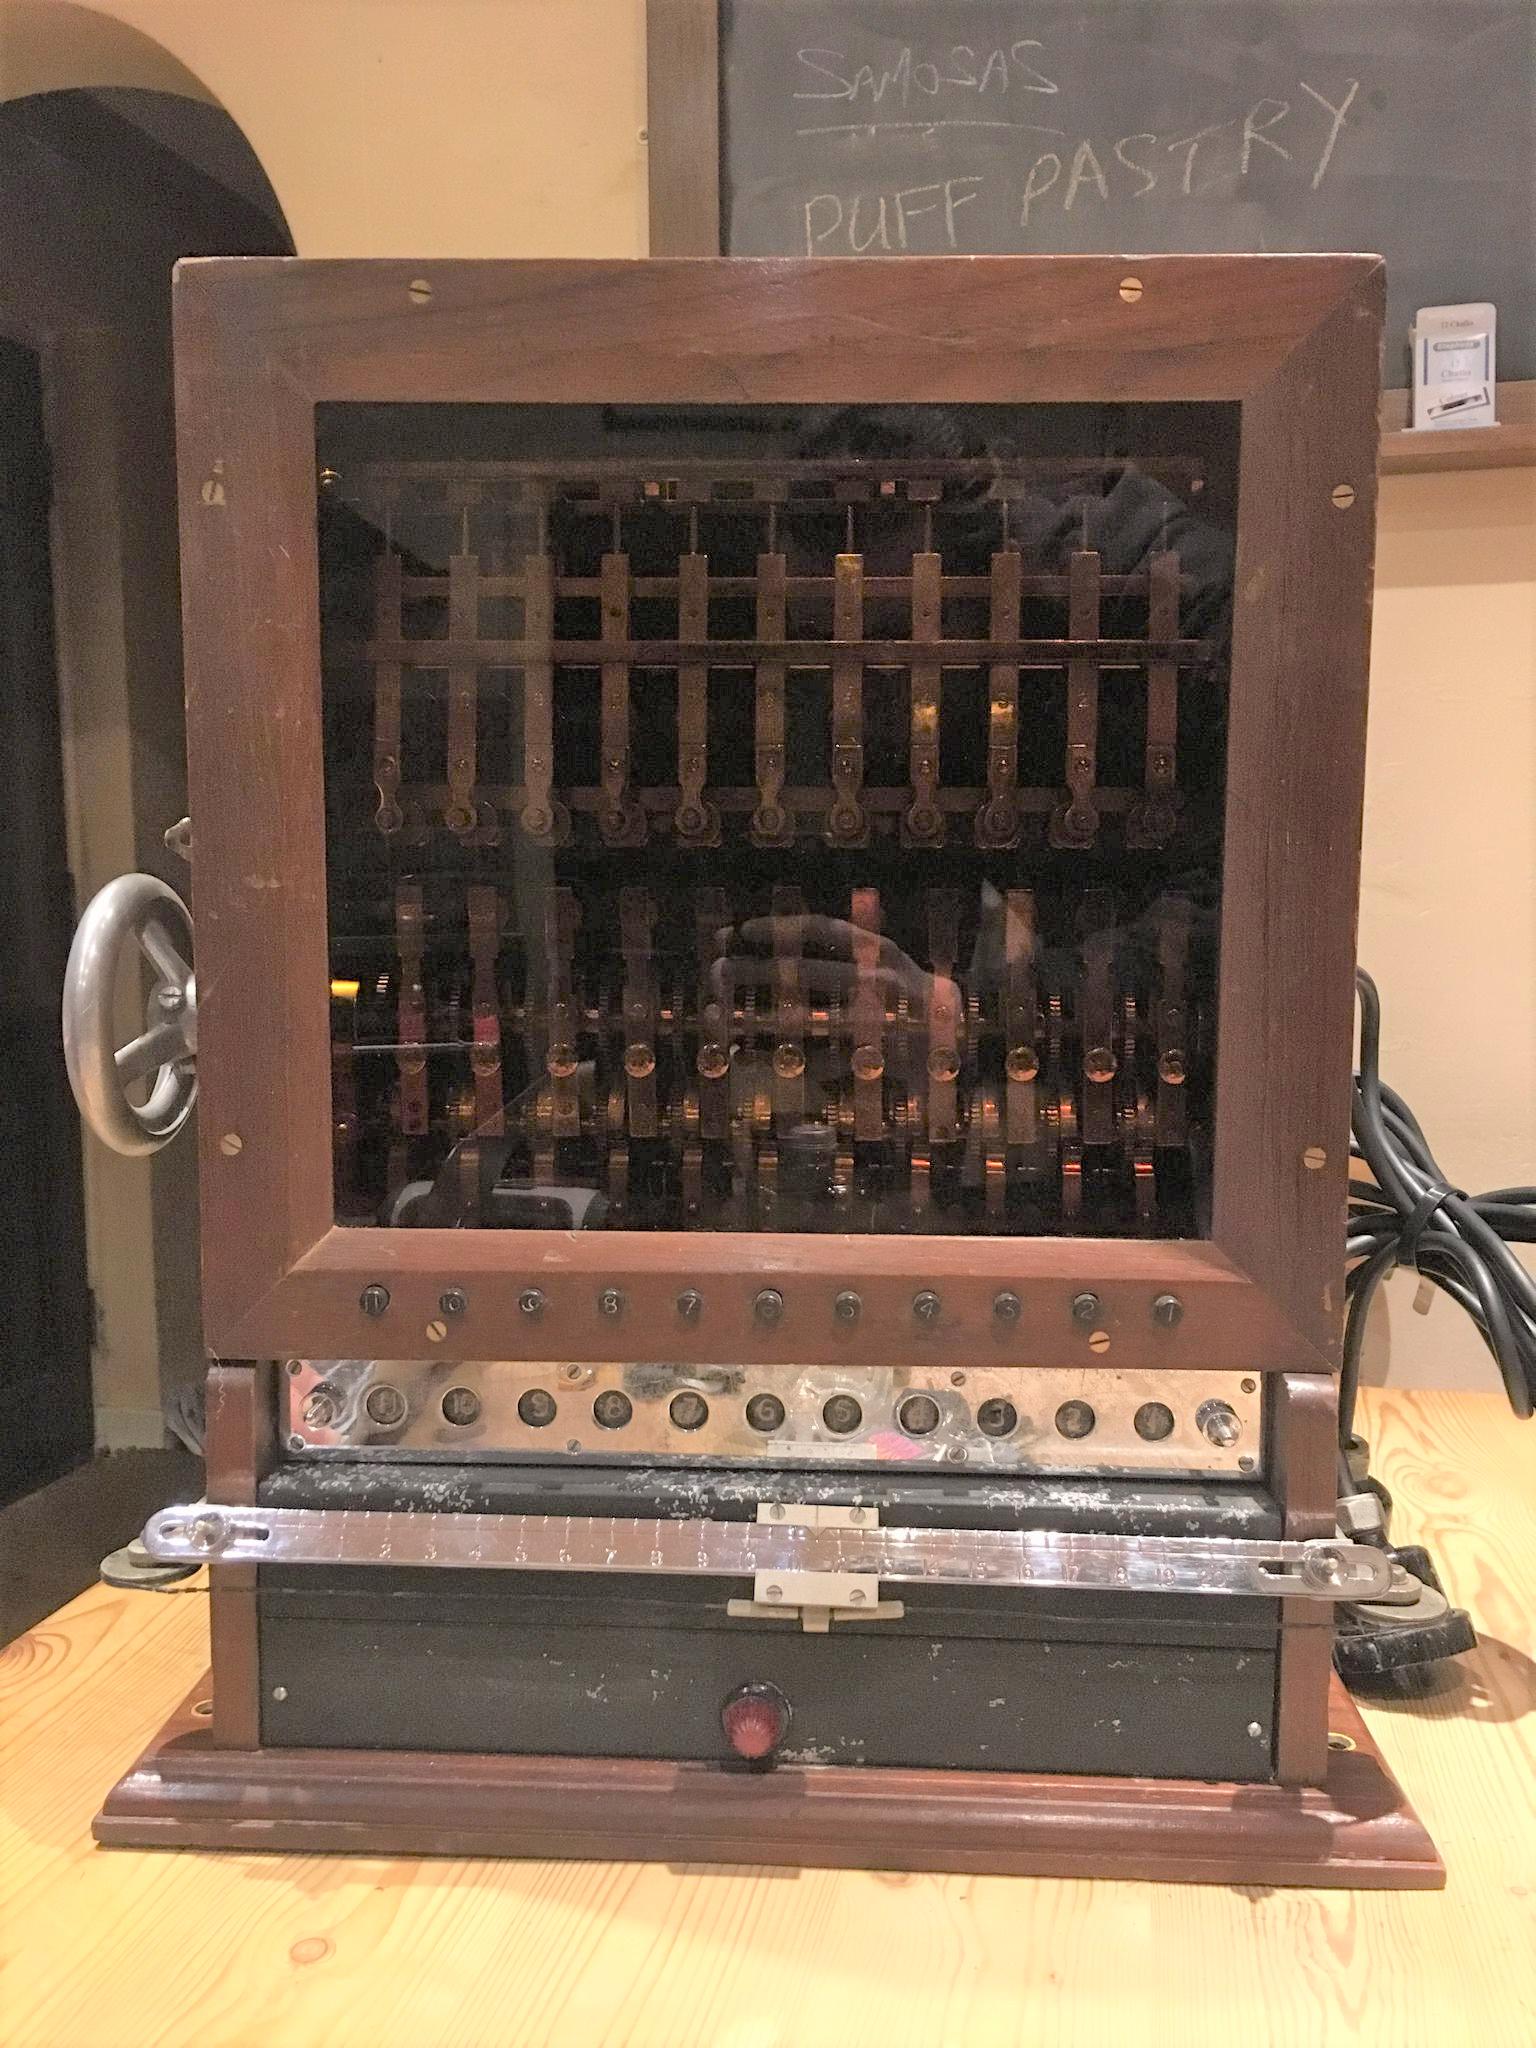 Unknown-Cipher-Machine-Reddit